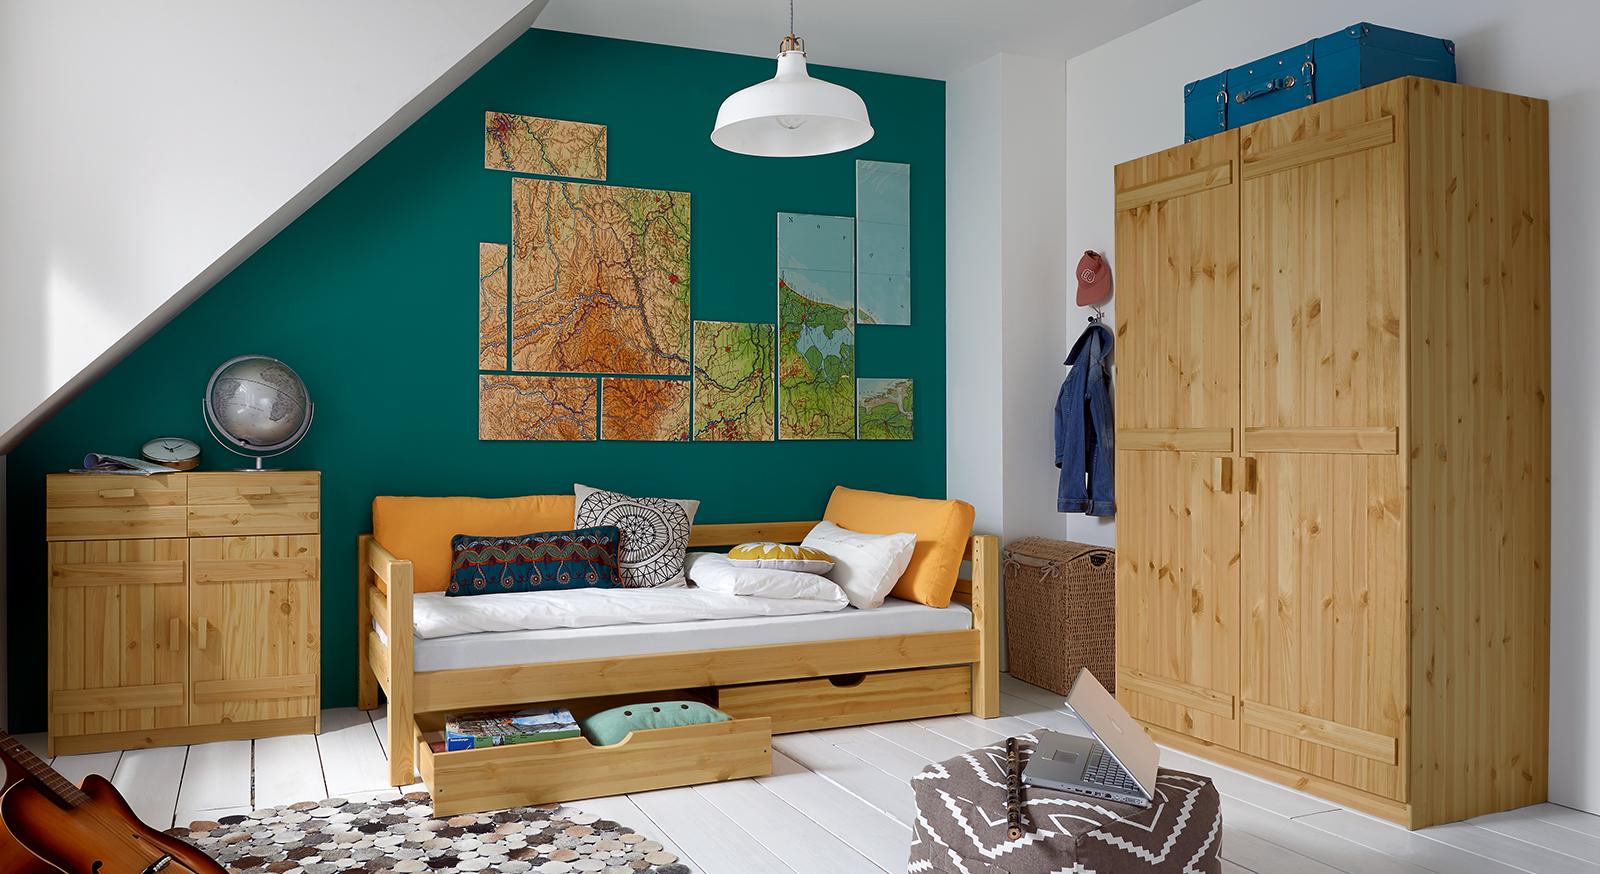 Jugendzimmer komplett aus kiefer gefertigt kids paradise - Bilder jugendzimmer ...